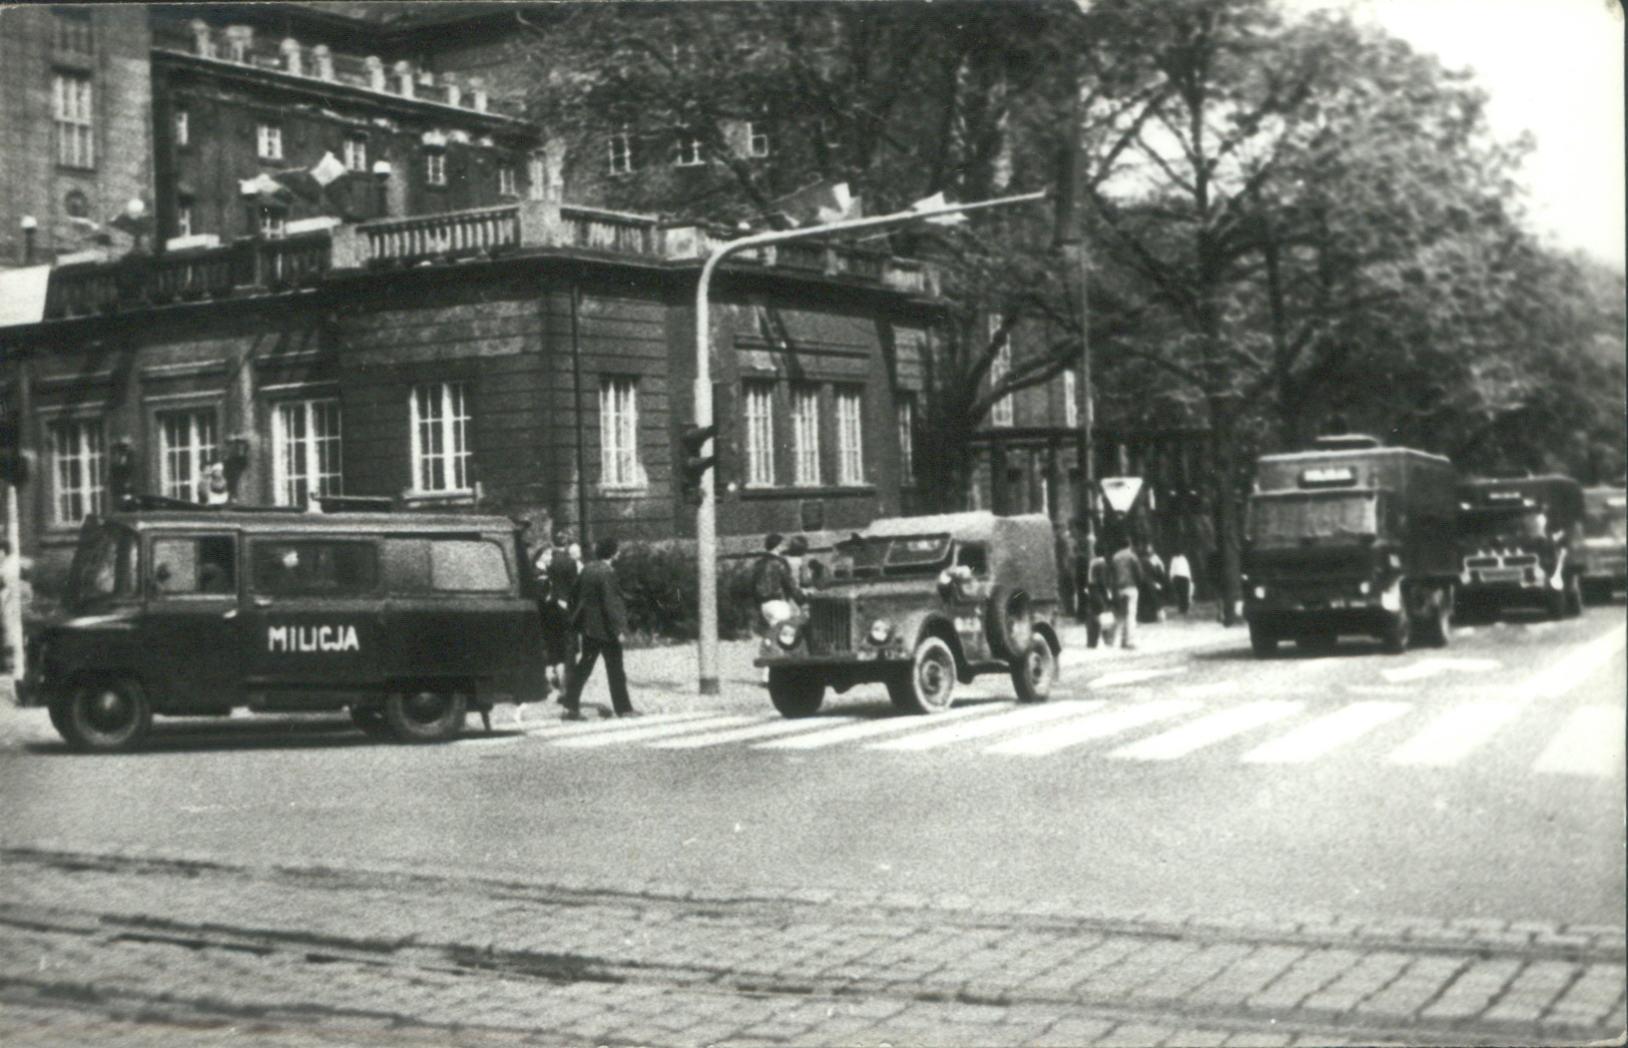 https://poznan.ipn.gov.pl/dokumenty/zalaczniki/85/85-73256.jpg